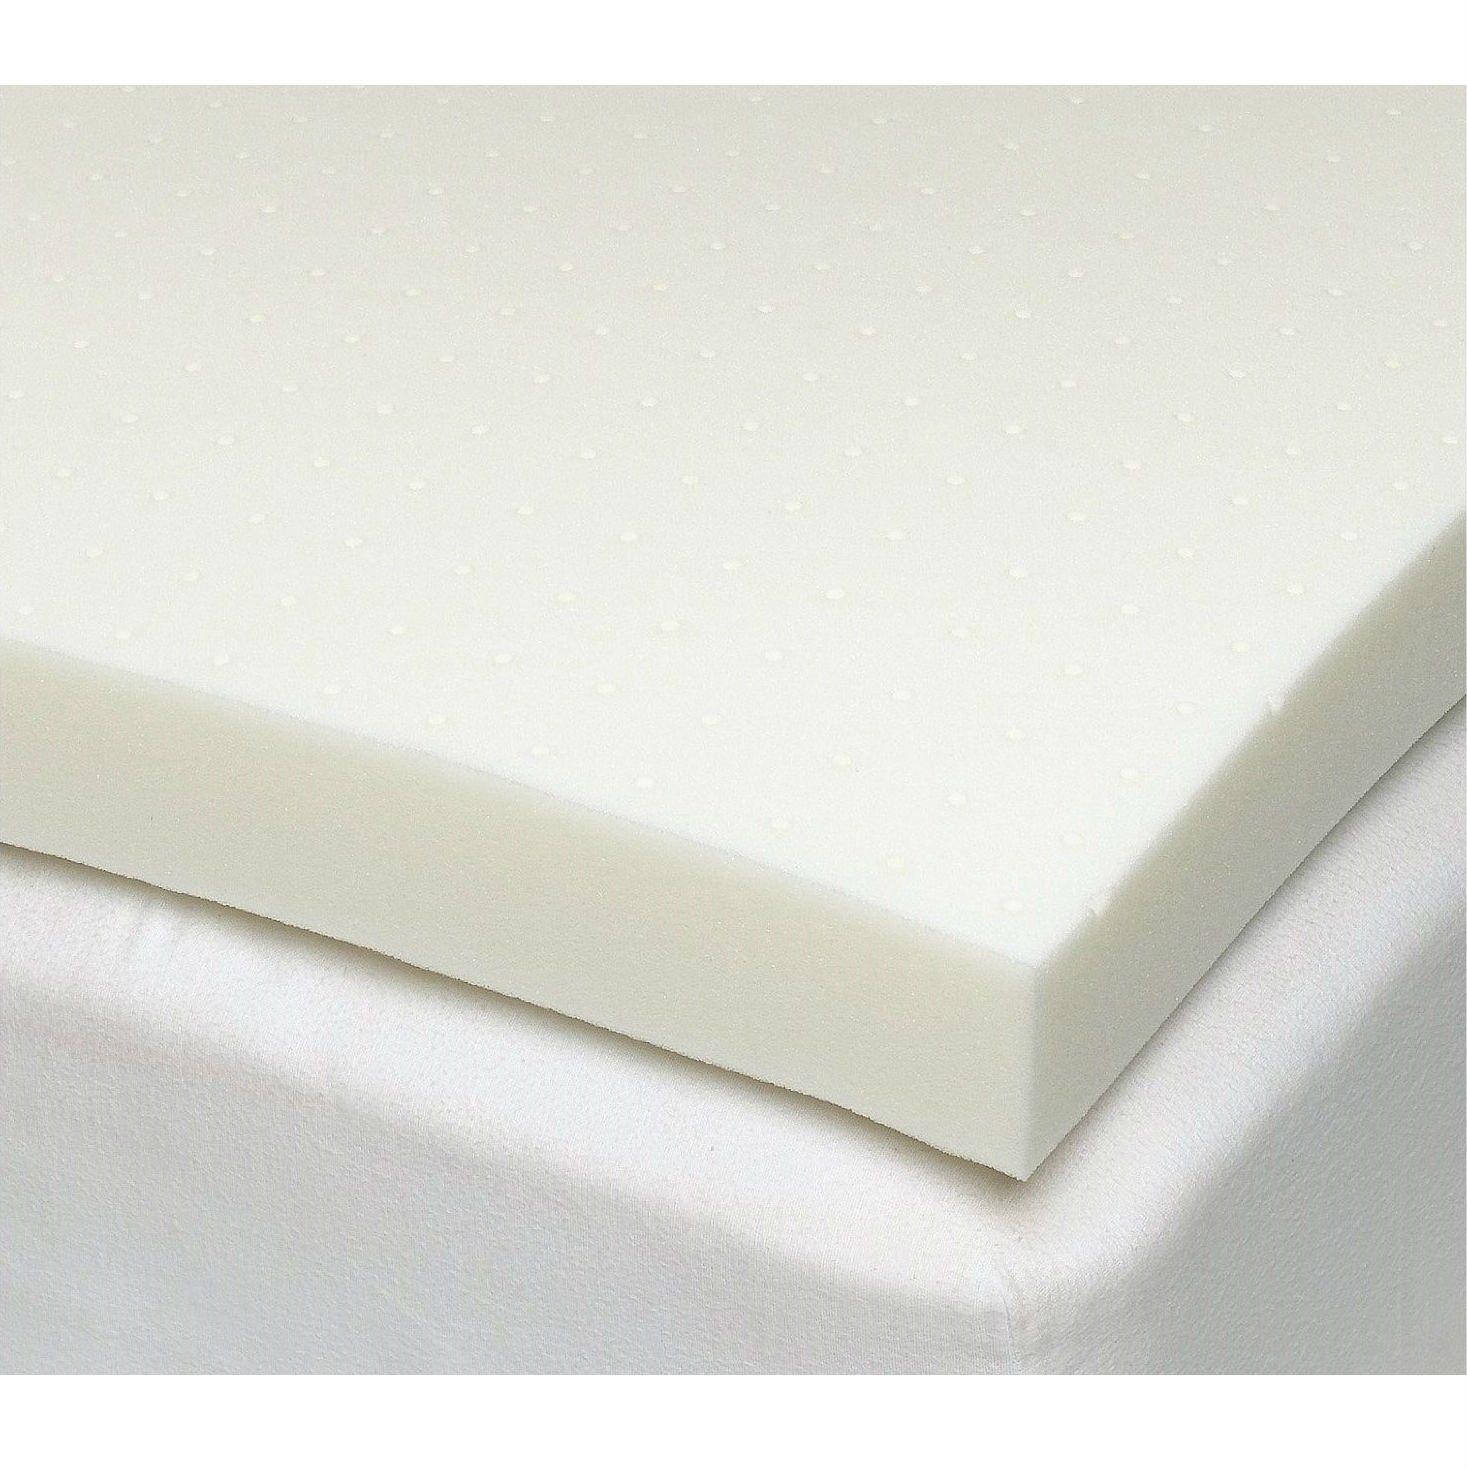 toppers impress foam silentnight memory topper cheap mattress